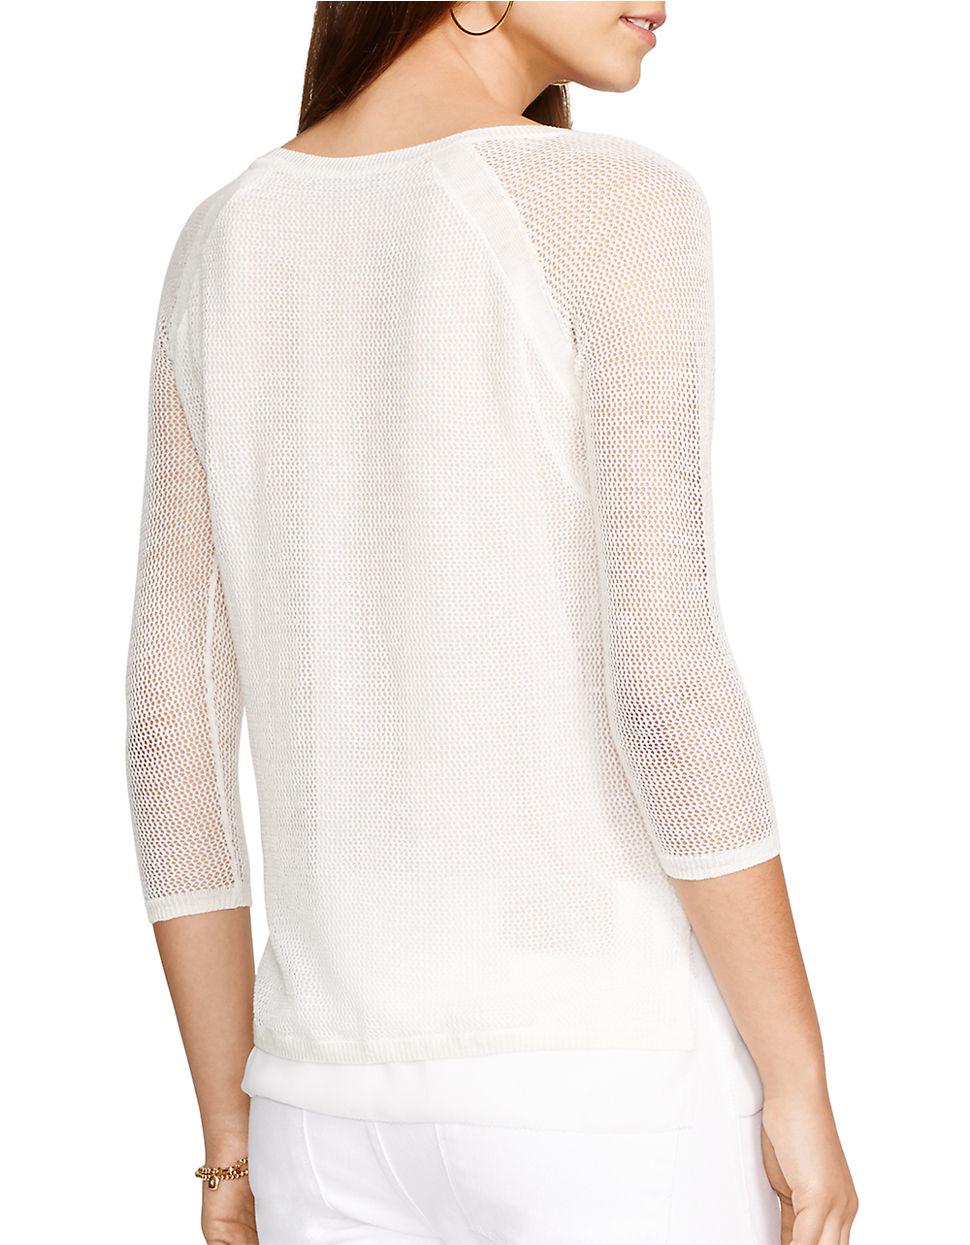 Lauren By Ralph Lauren Mesh Linen Cotton Blend Top In